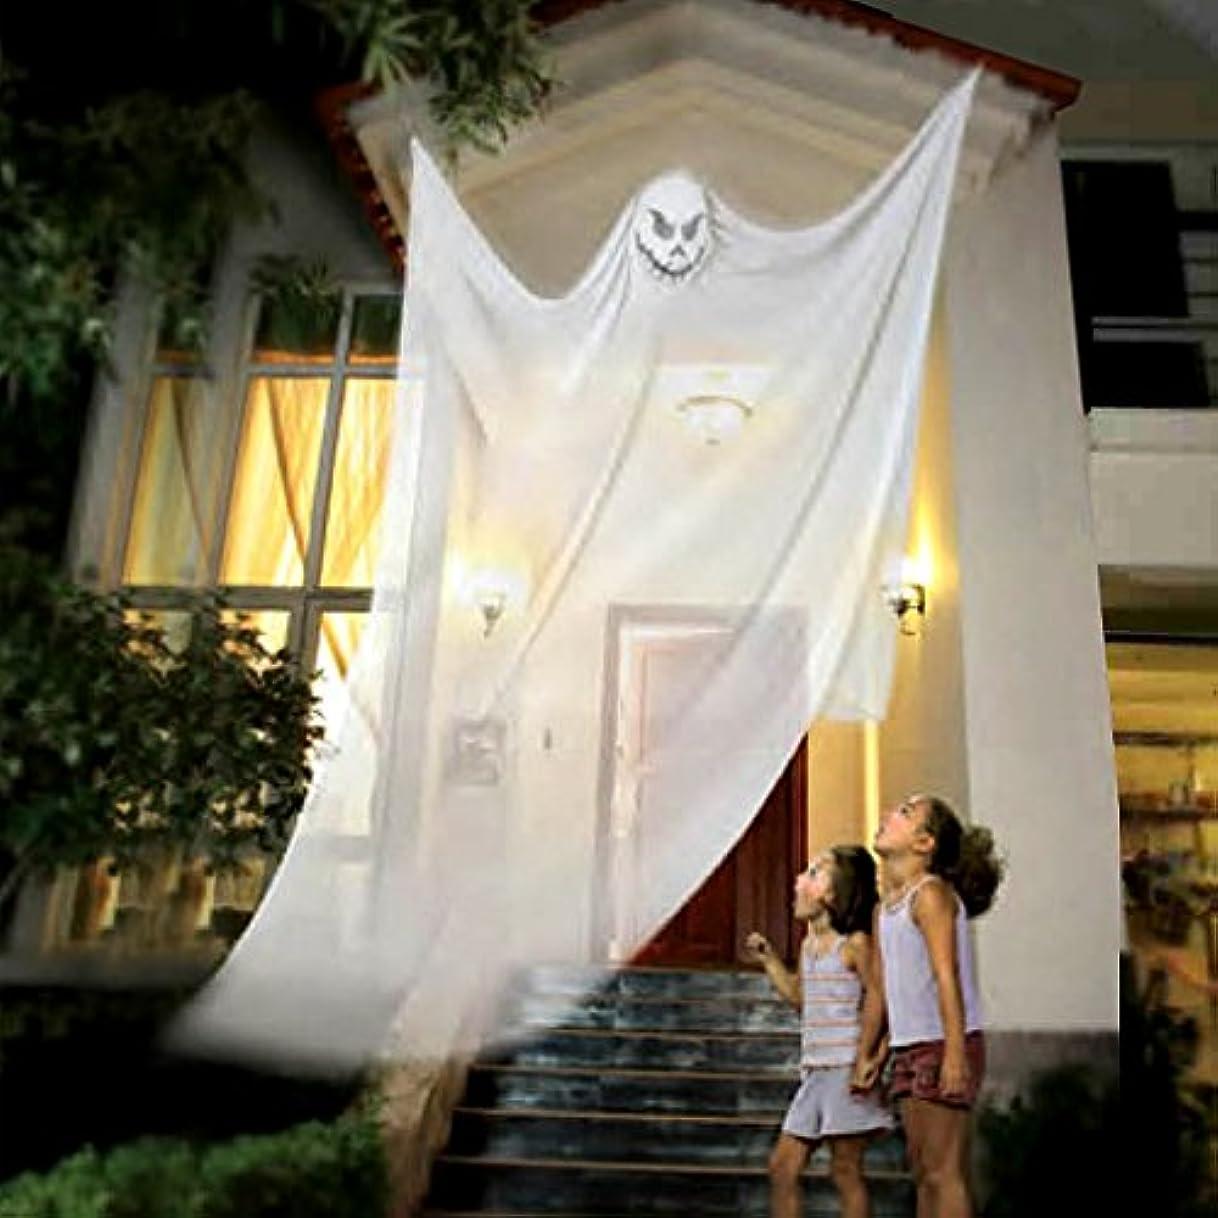 のぞき見満足させる従事するハロウィーンフェスティバルぶら下げ幽霊装飾ホラー小道具バーお化け屋敷室内装飾